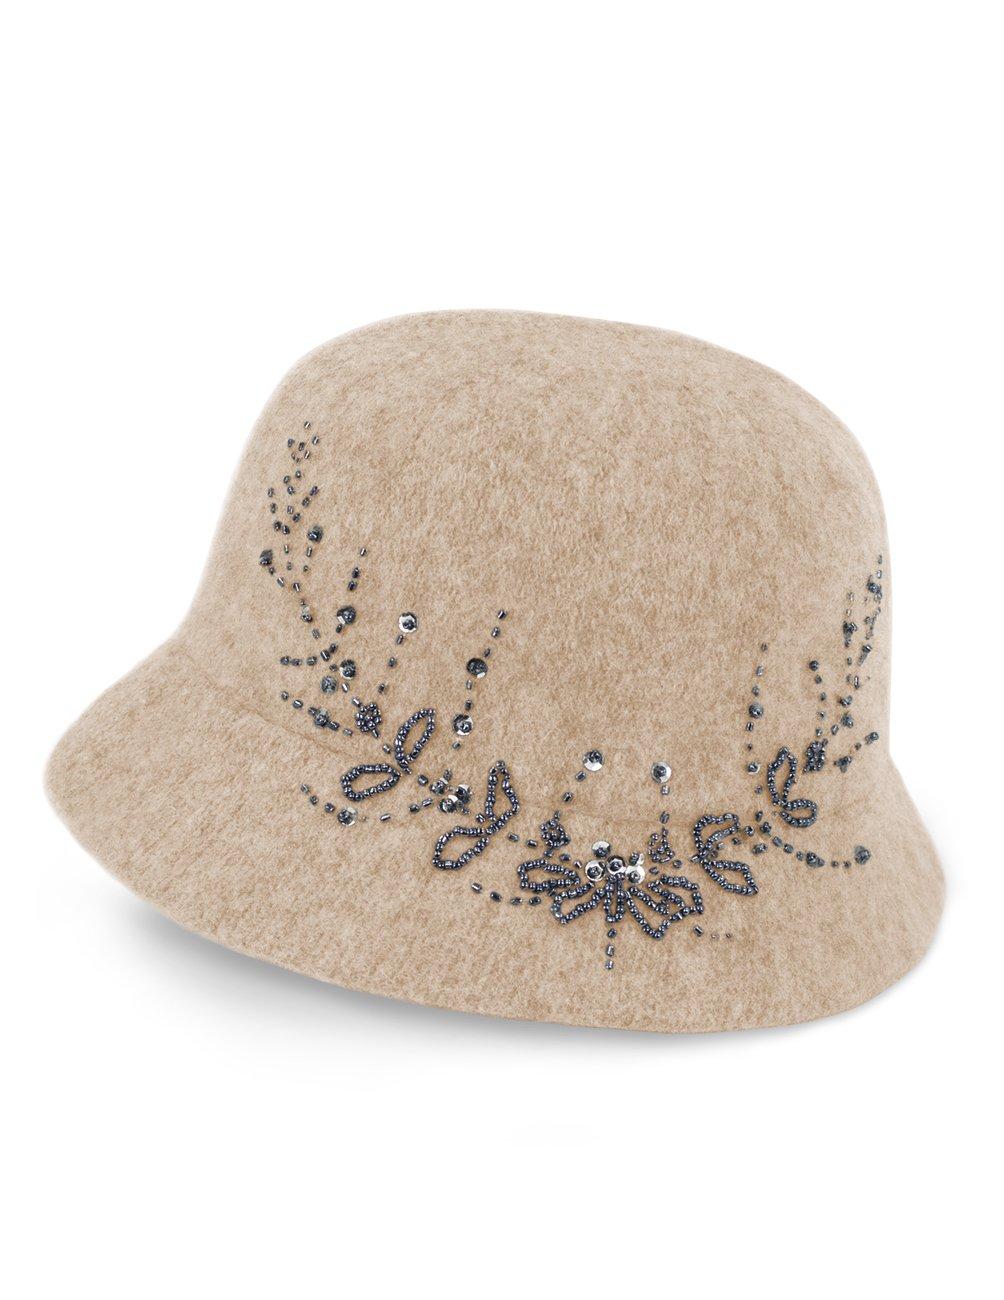 Dahlia Women's Wool Blend Hand Beaded Winter Bucket Hat/Cloche Hat - Tan